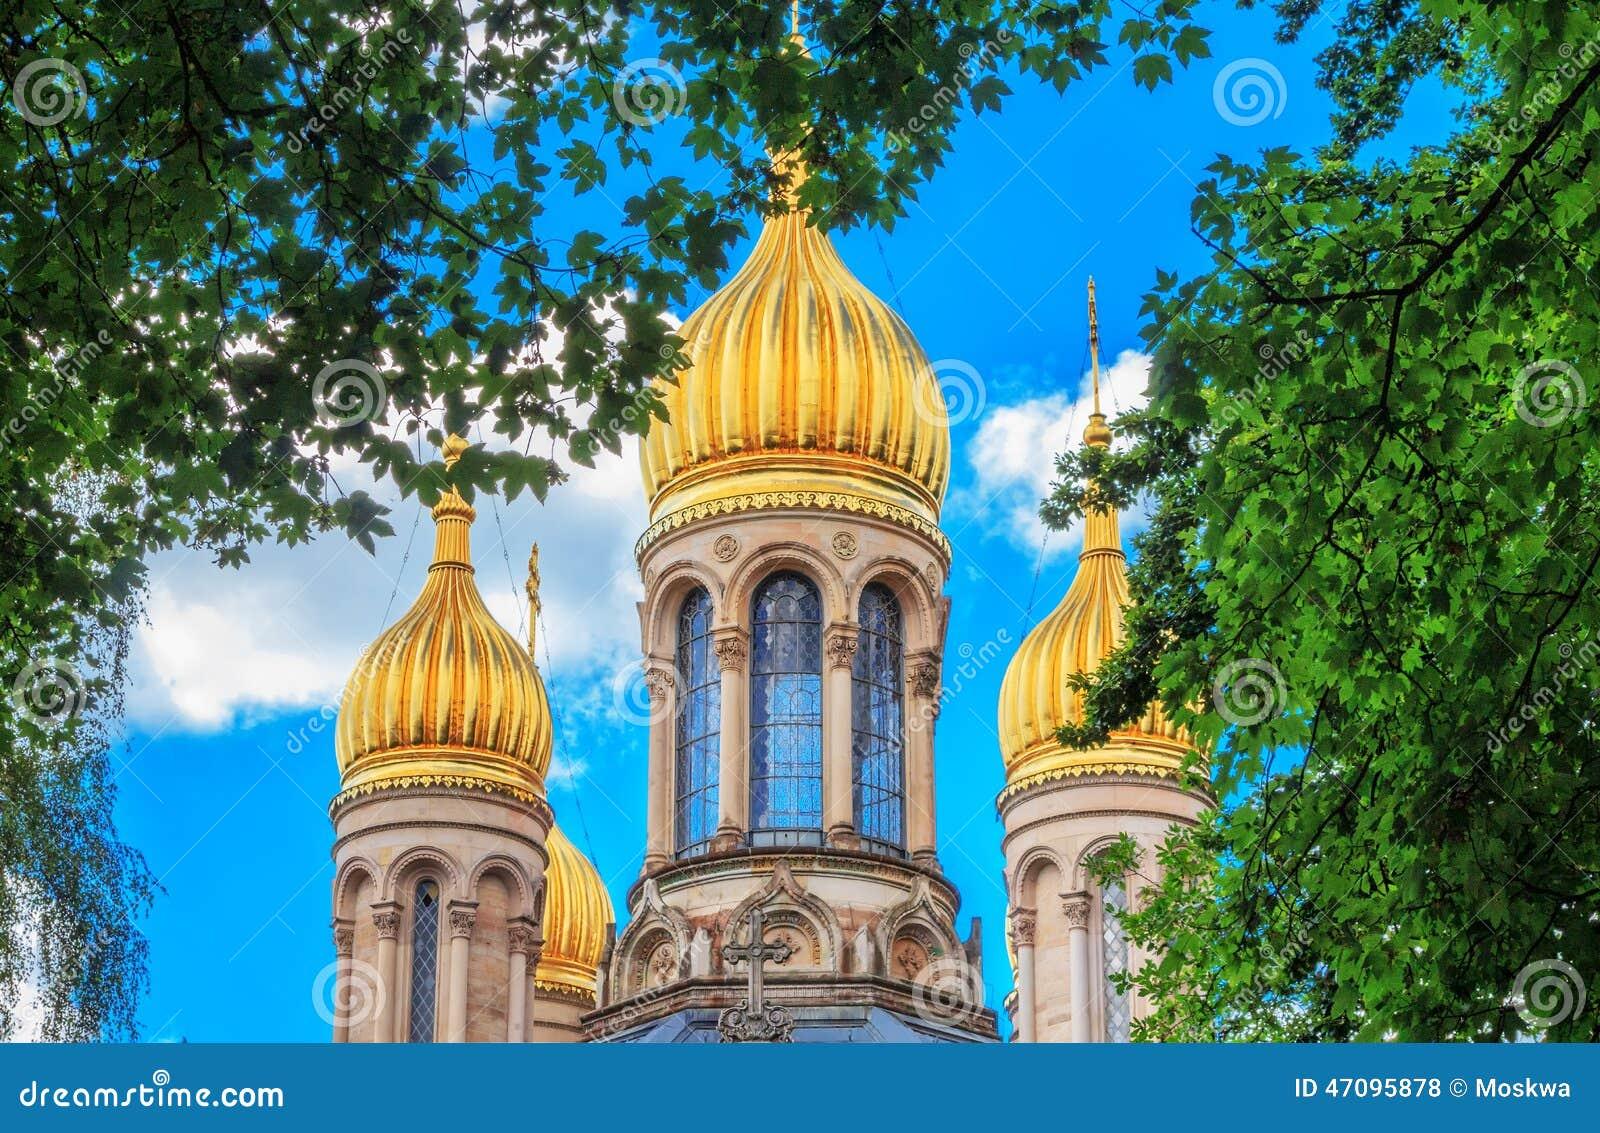 Ρωσική Ορθόδοξη Εκκλησία στο Βισμπάντεν, Γερμανία